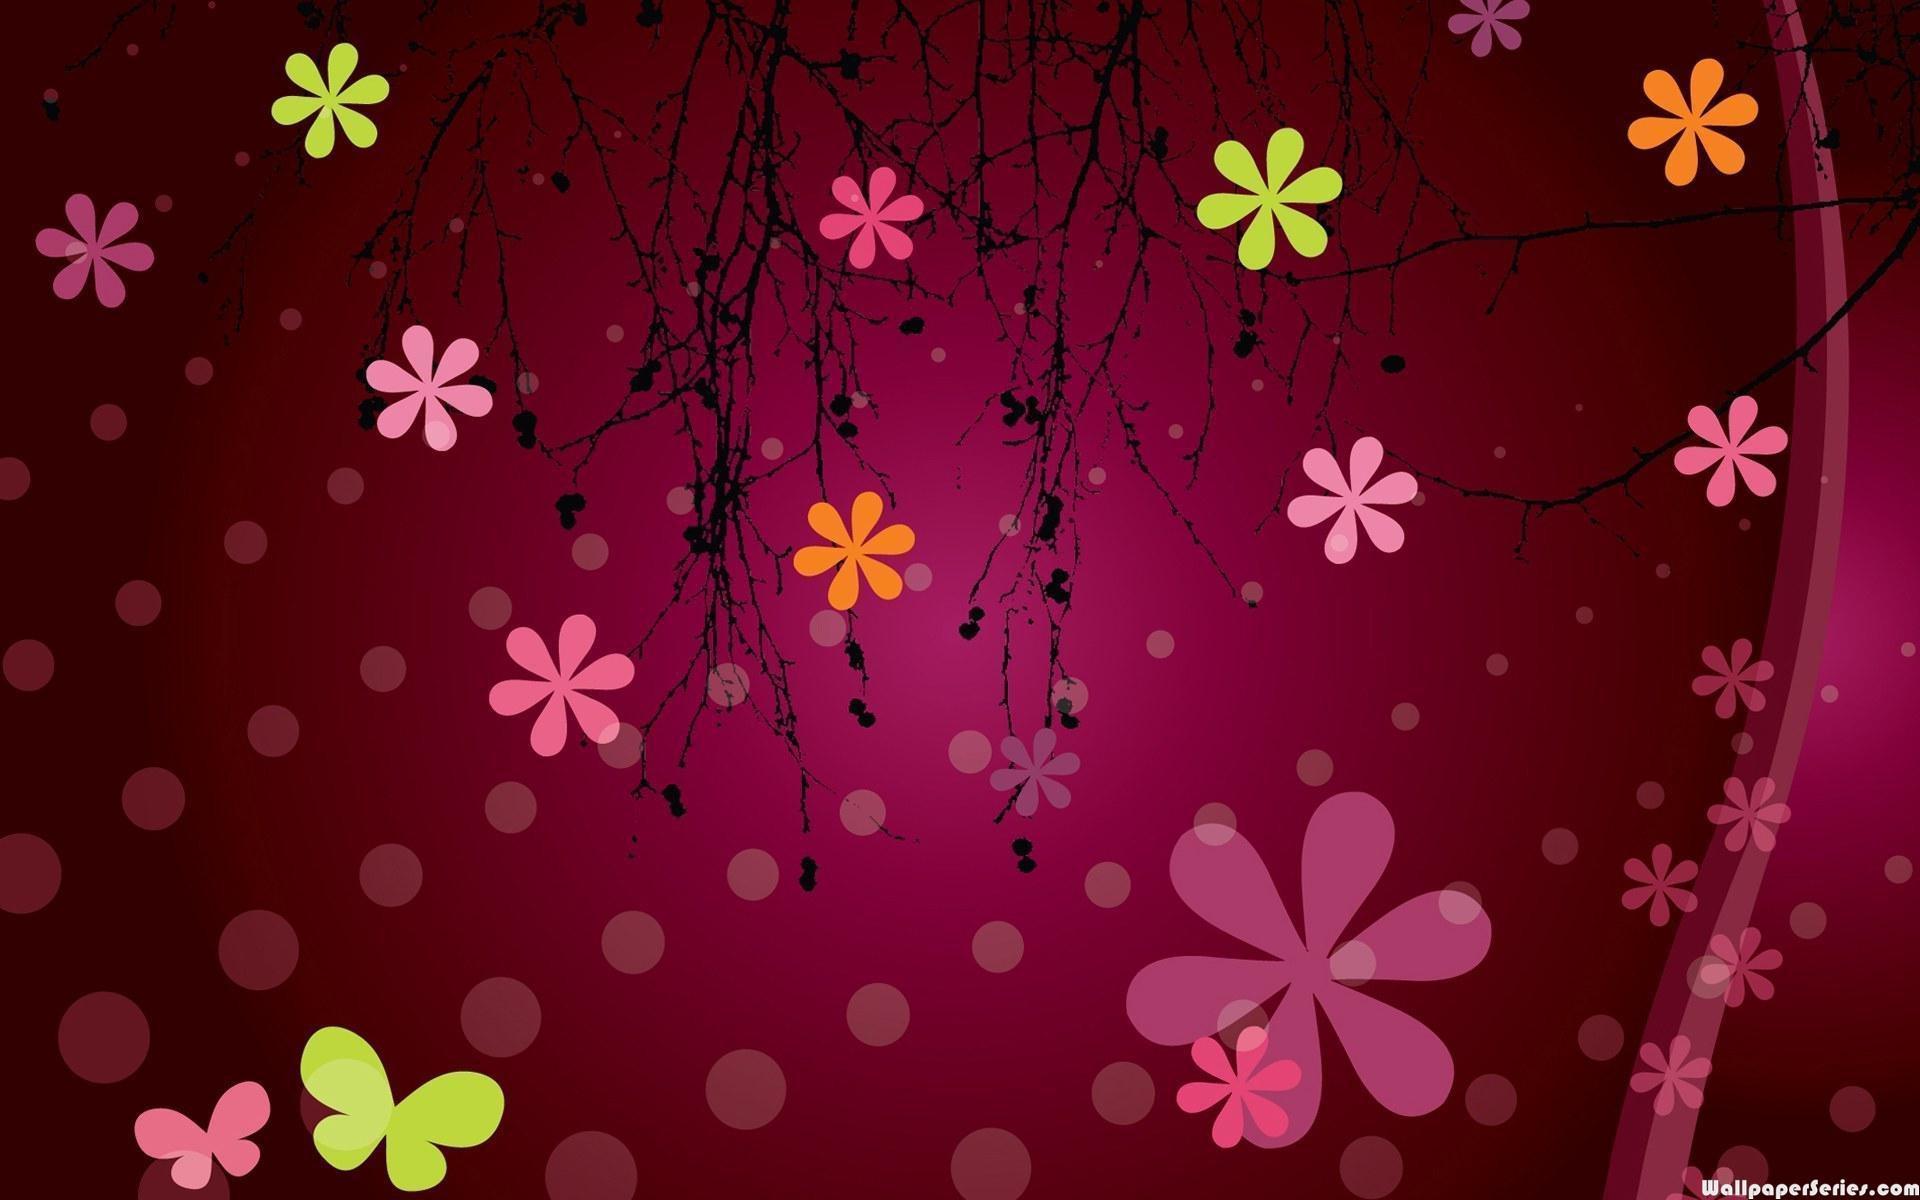 Cute Girly Pink Desktop Wallpapers Top Free Cute Girly Pink